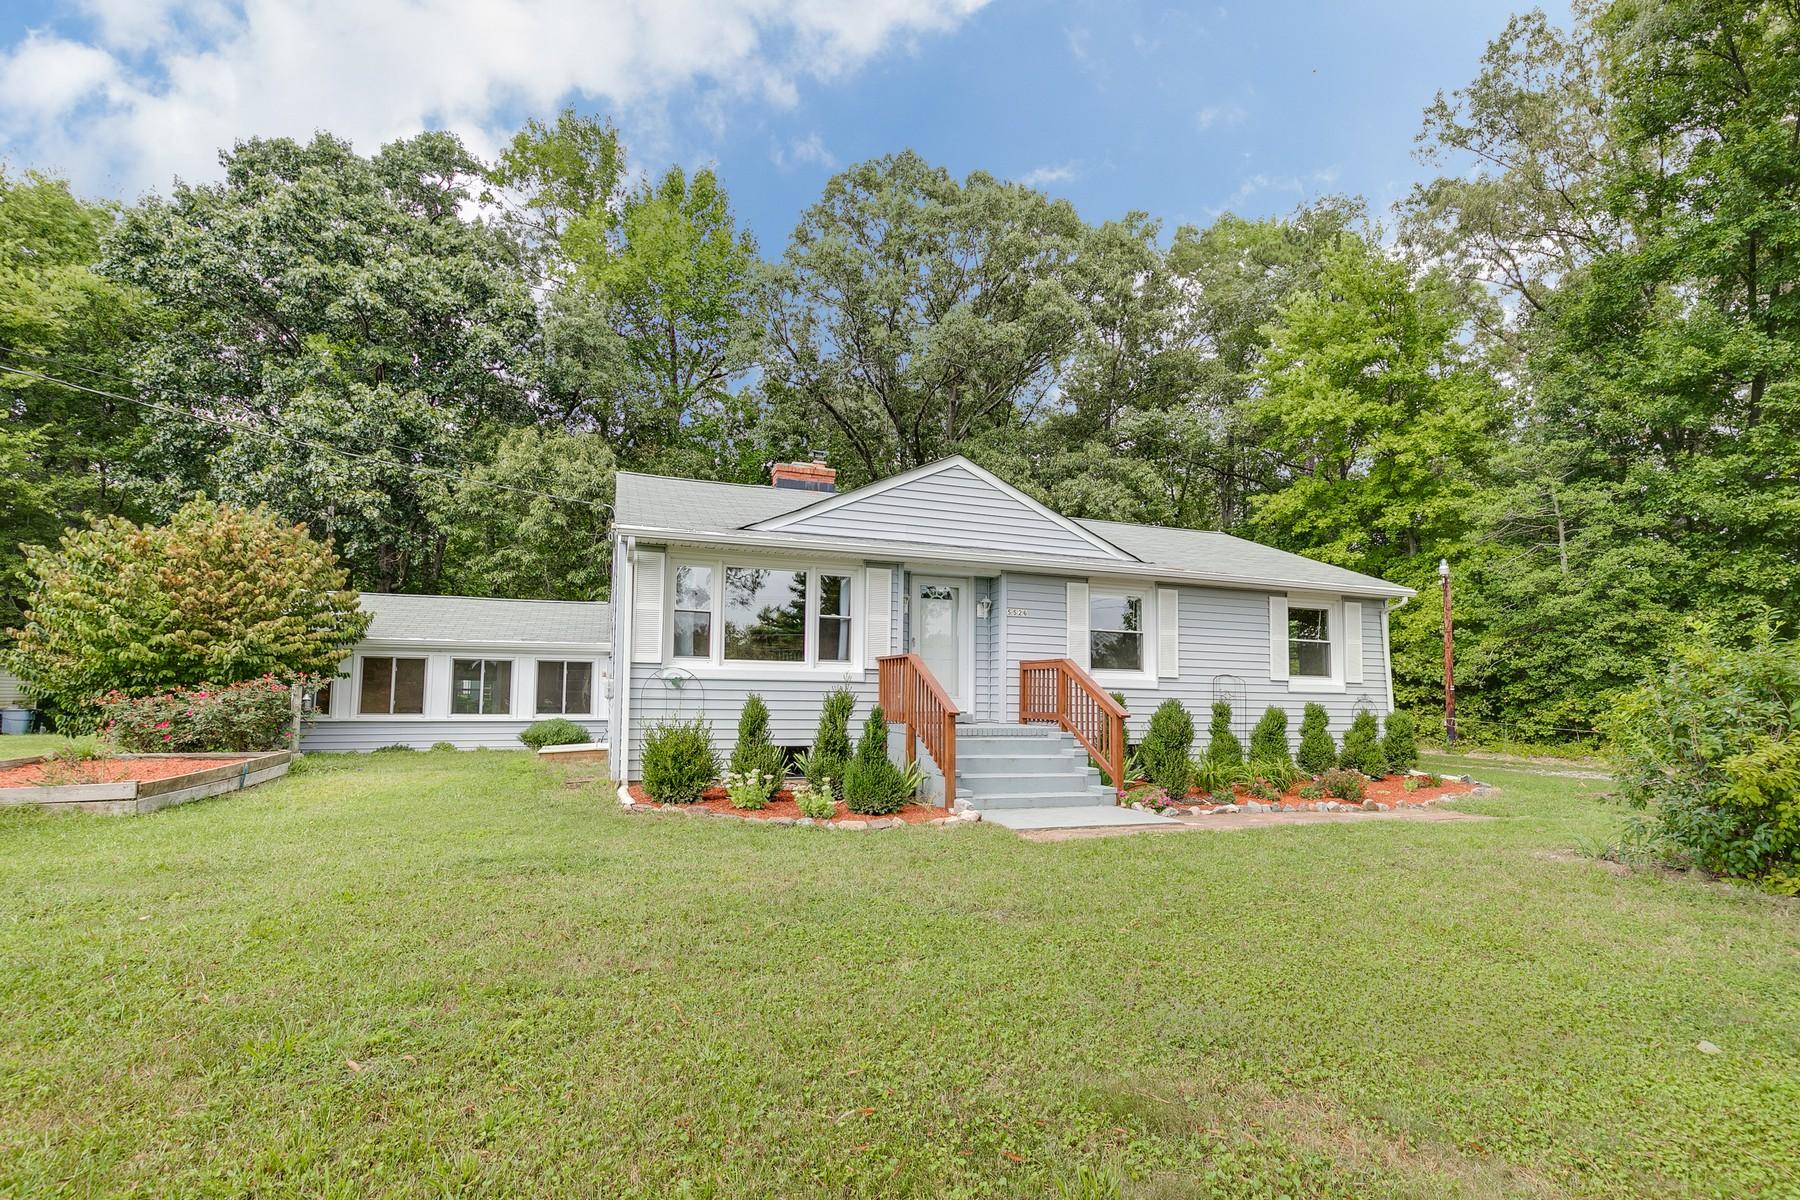 Single Family Homes для того Продажа на 5526 Pole Green Road Mechanicsville, Виргиния 23116 Соединенные Штаты